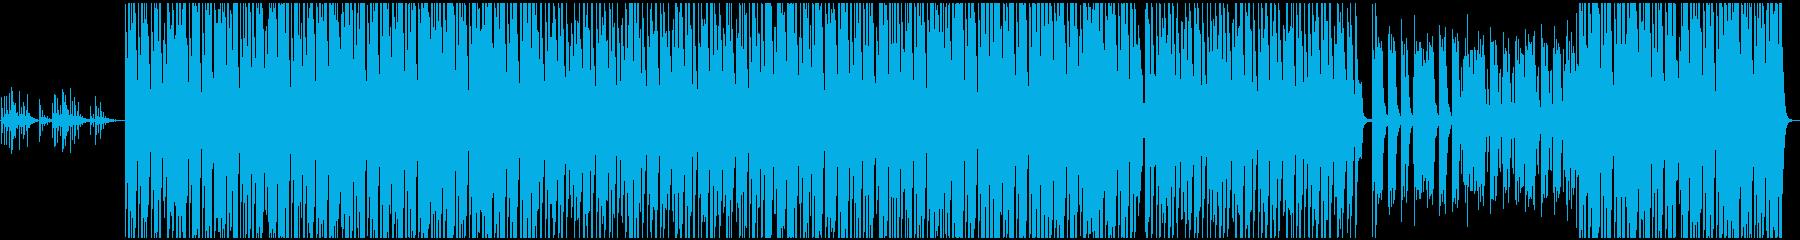 夏の海をイメージさせる明るいEDMの再生済みの波形